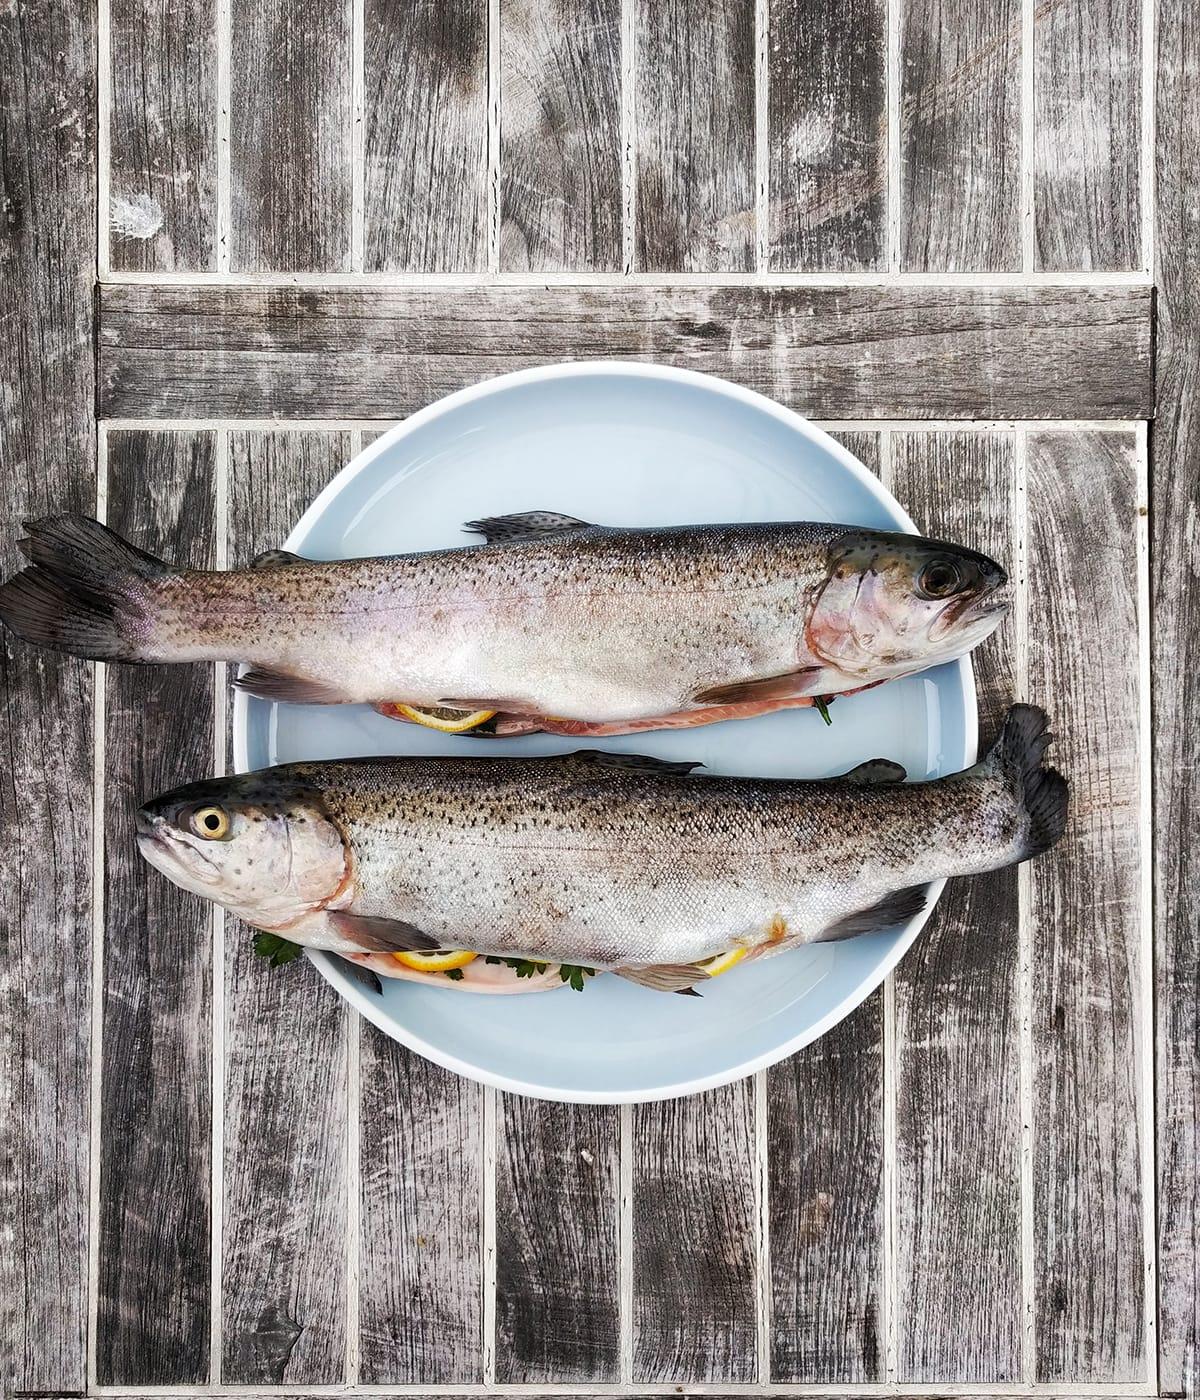 Auch die Forelle gehört zu den traditionellen norwegischen Spezialitäten.